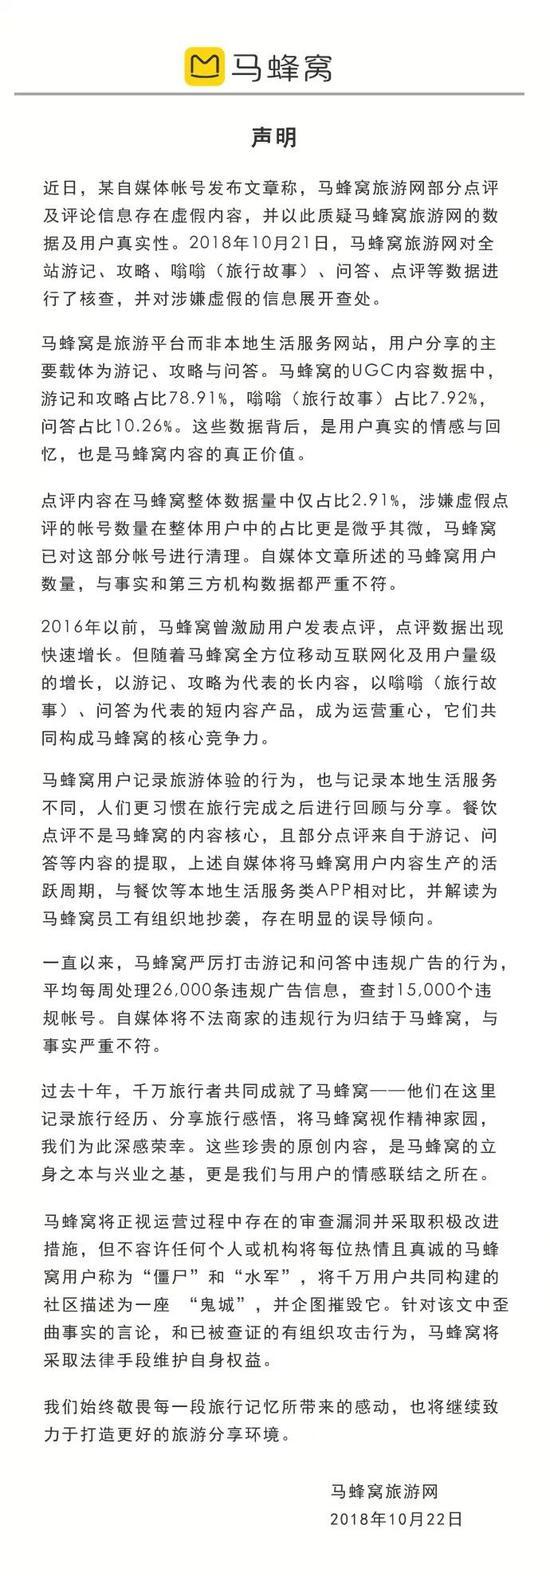 媒体:马蜂窝承认部分造假 估值或将暴跌 证券配资